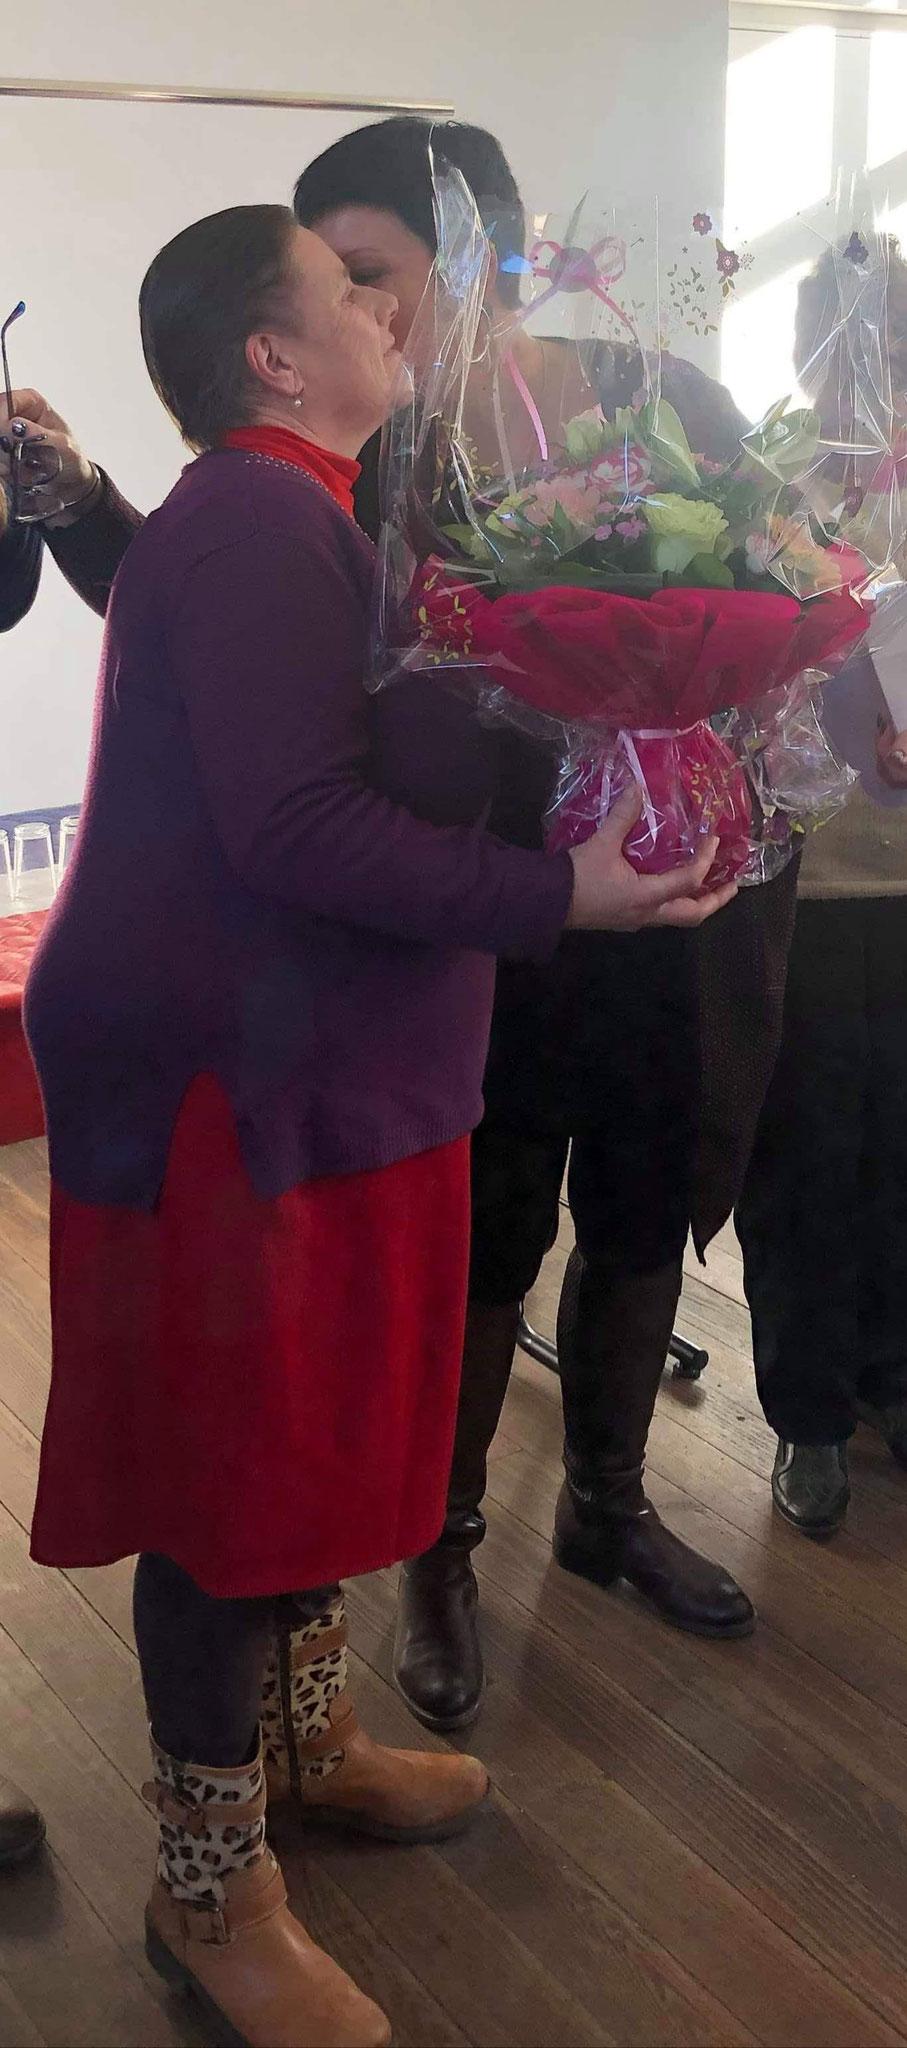 A gauche : Violaine Woimant reçoit également une plante des mains de Gaëlle Vaudé.